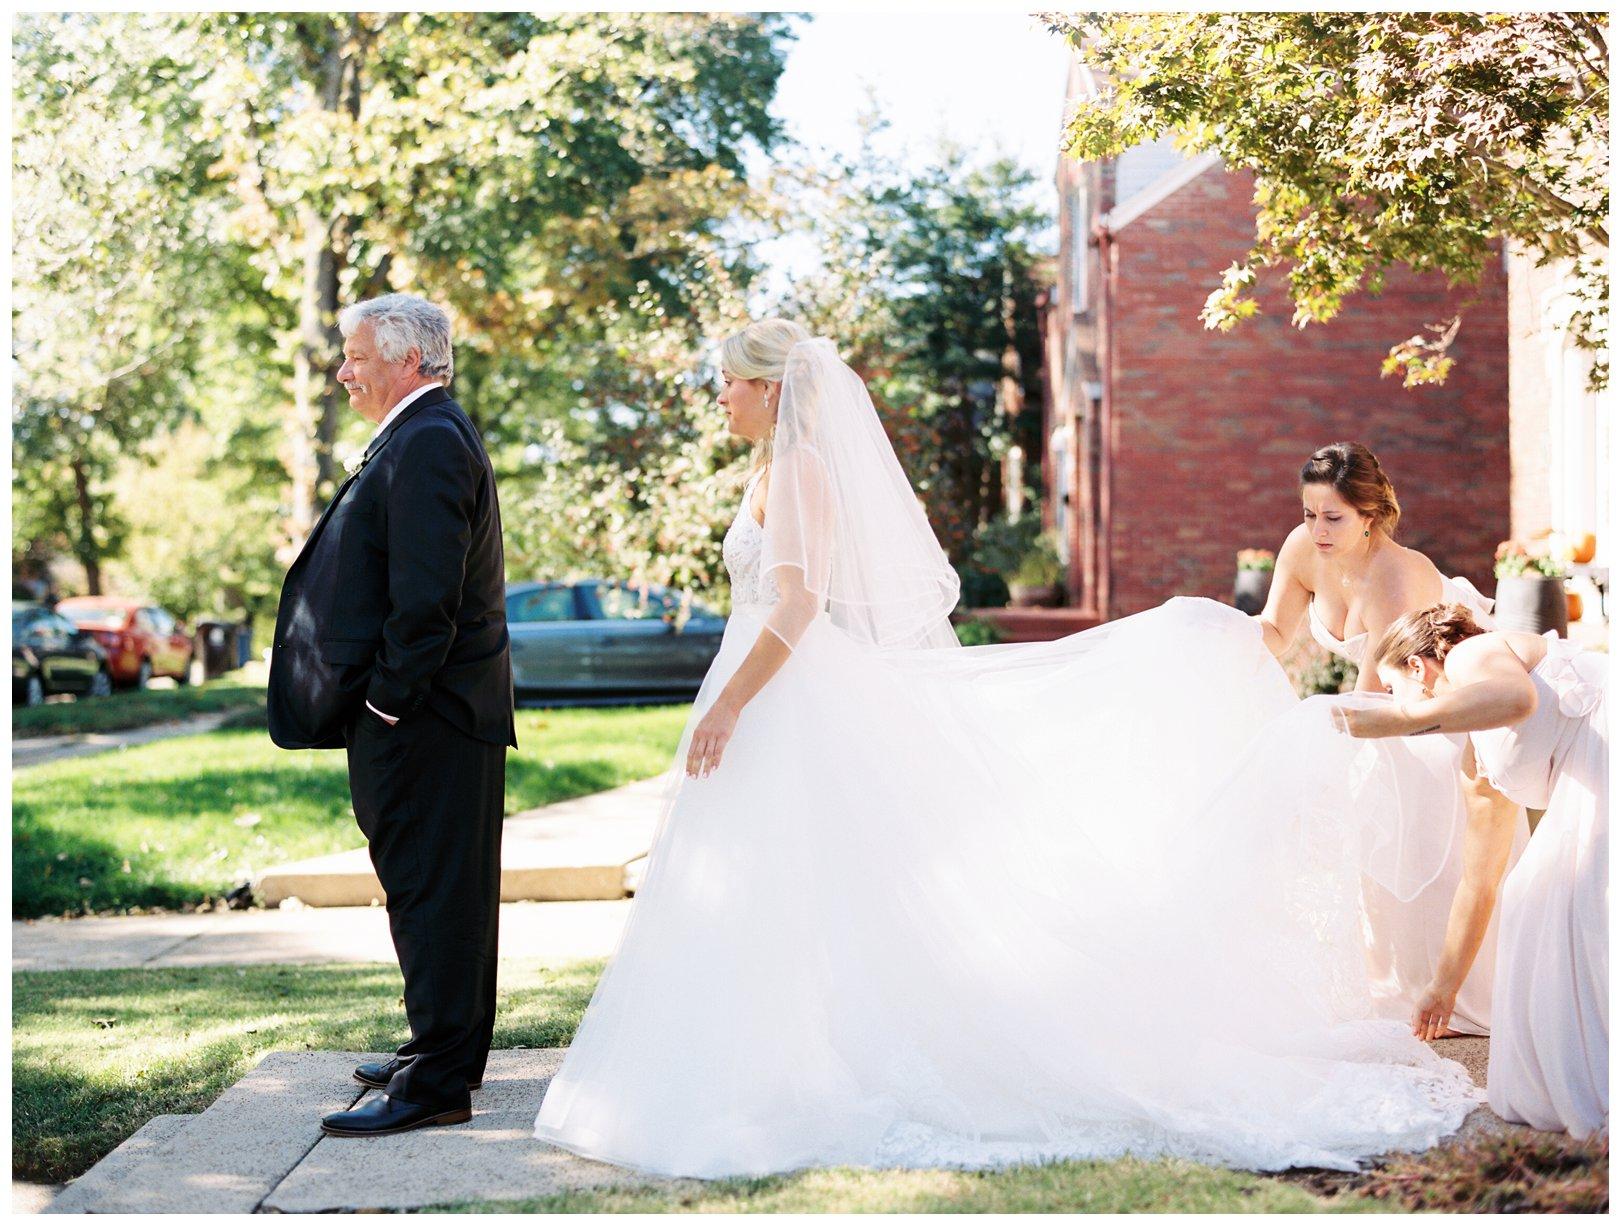 lauren muckler photography_fine art film wedding photography_st louis_photography_2416.jpg